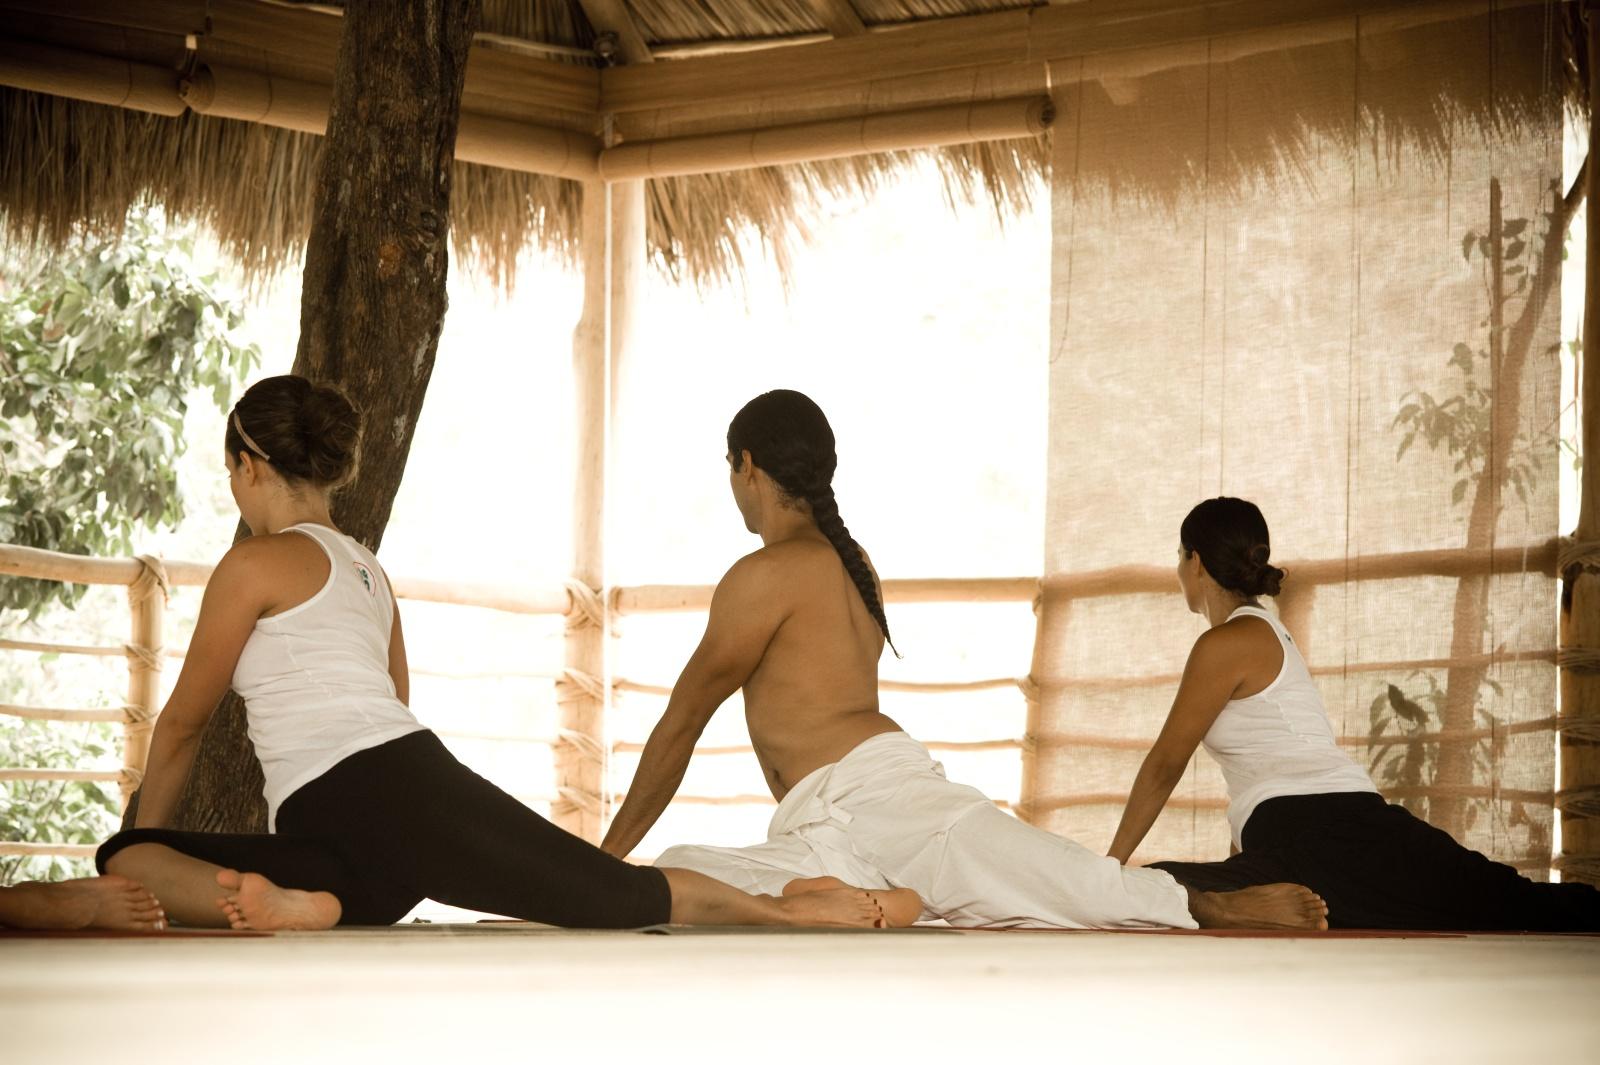 Retreats for women around the world